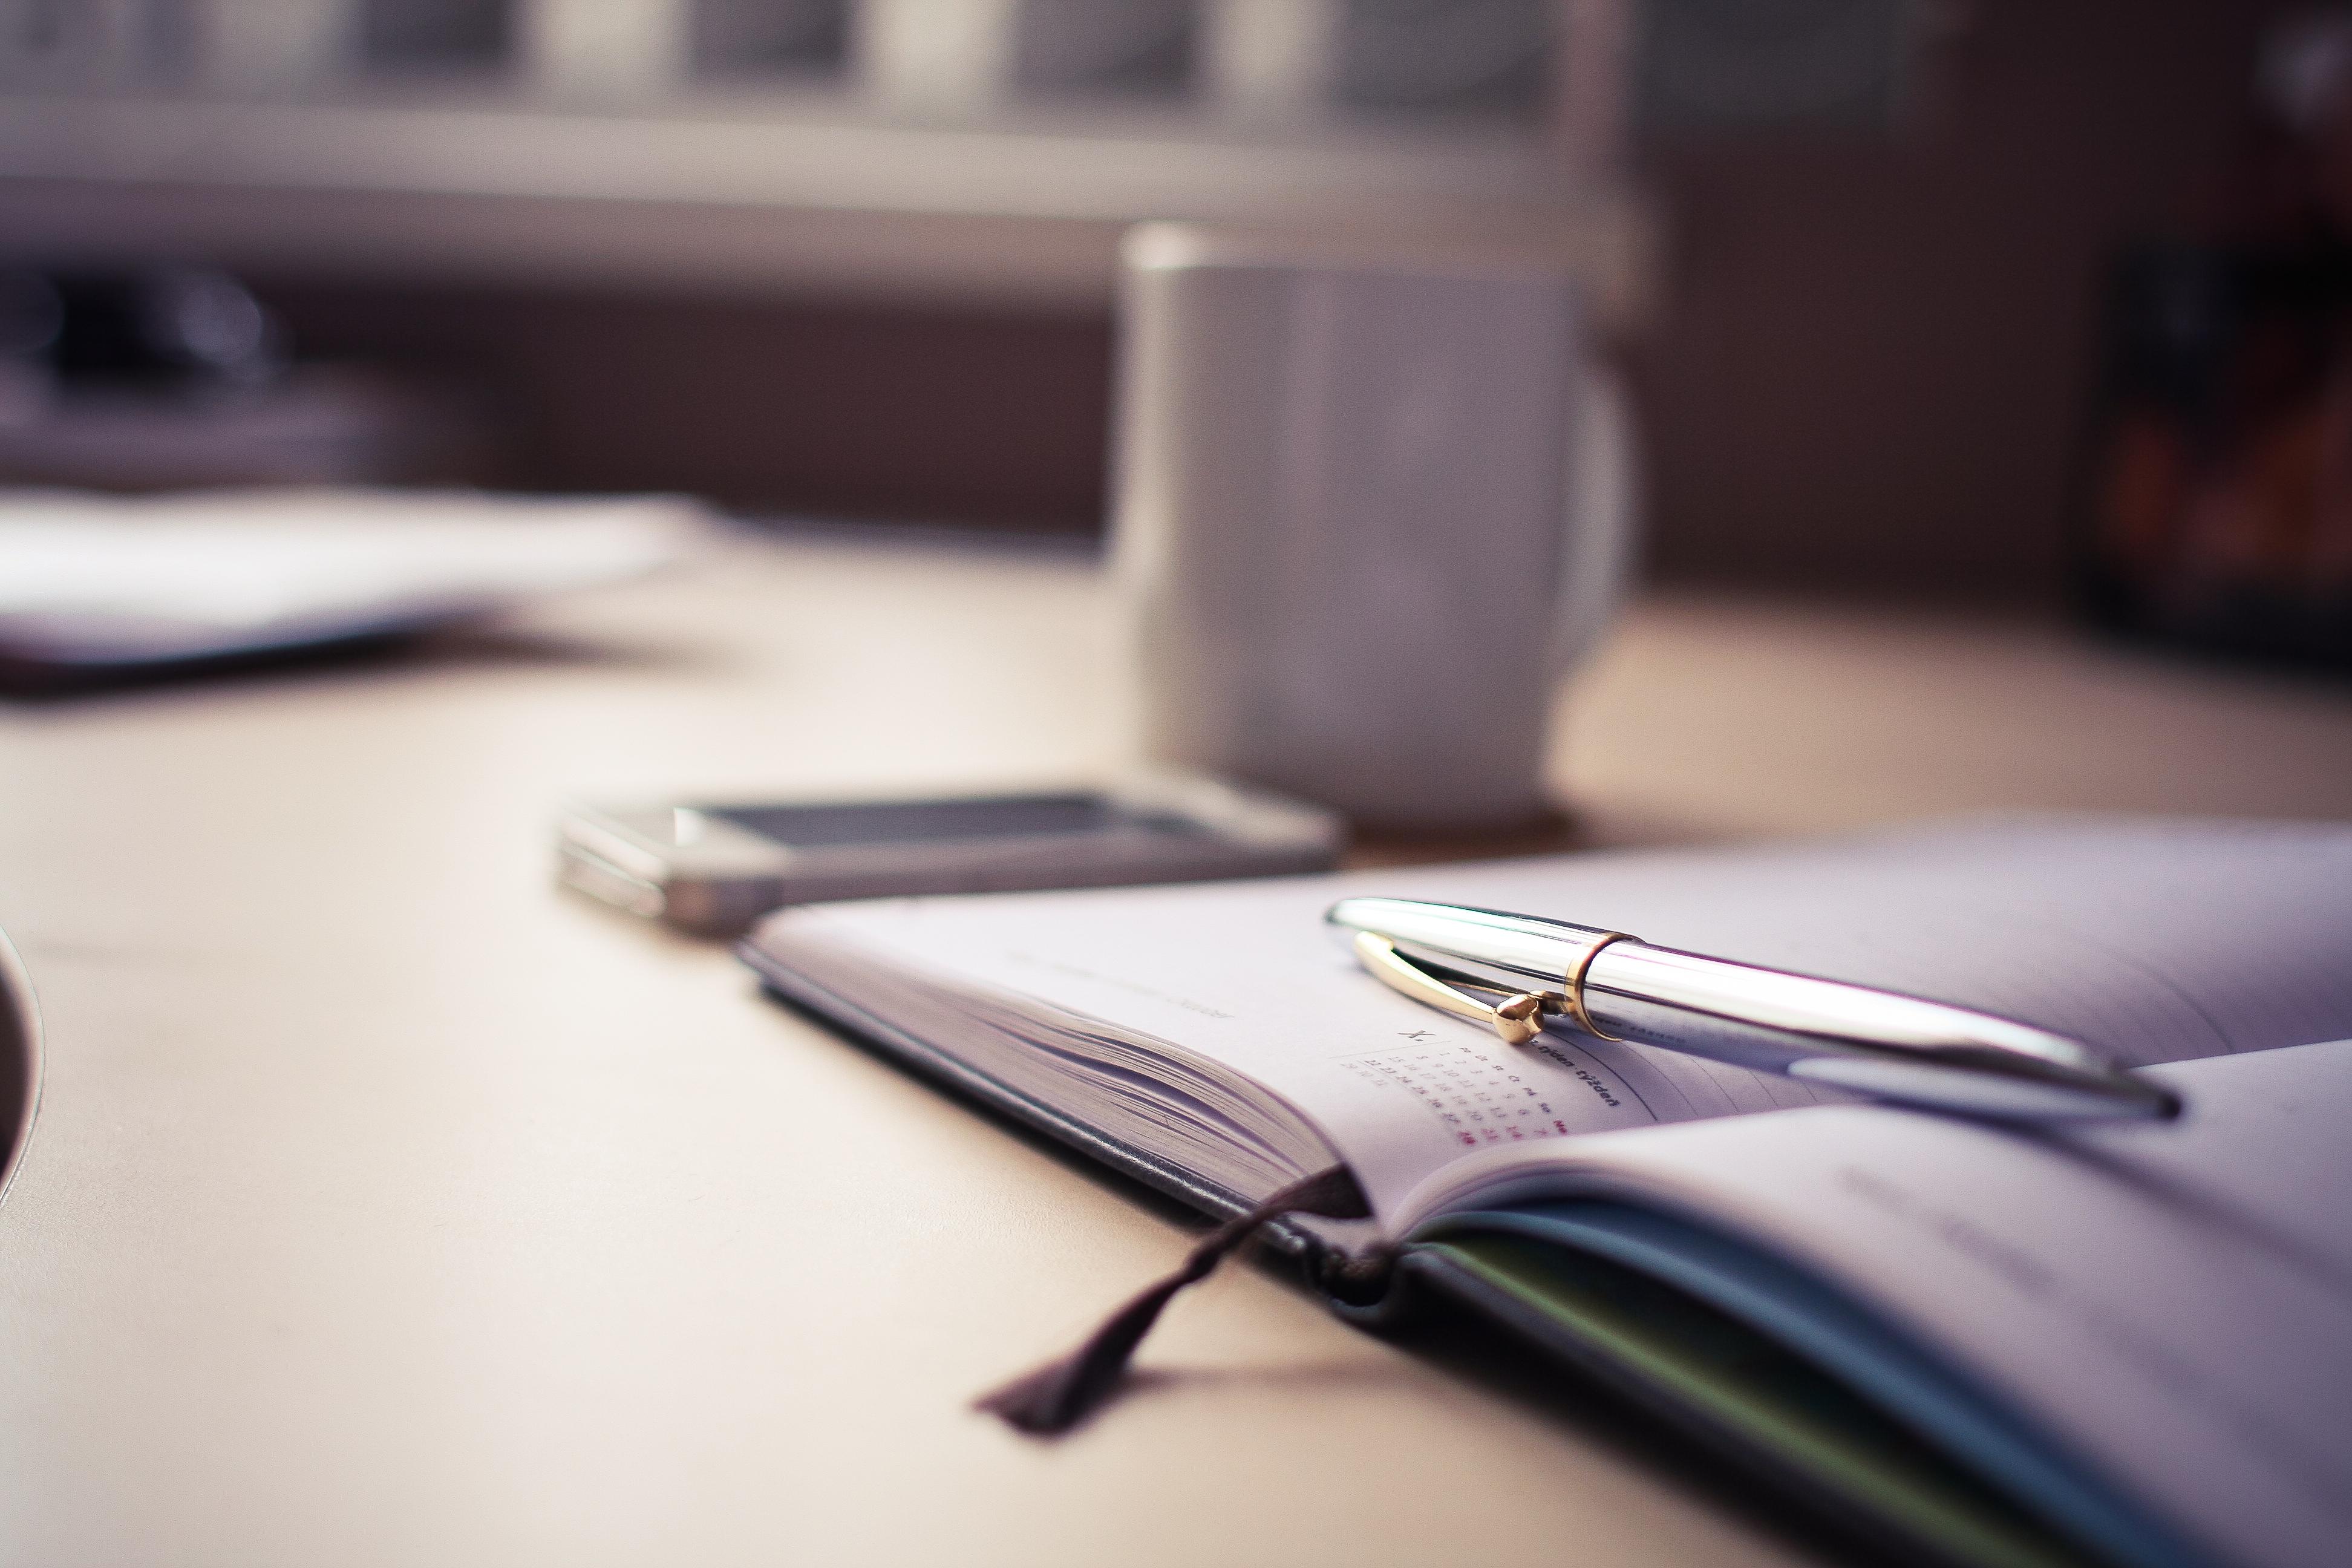 Silbernern Stift, Block Und Kaffeetasse Auf Schreibtisch Als Symbol Für Kosteneinsparung Durch Innovative Lösungen